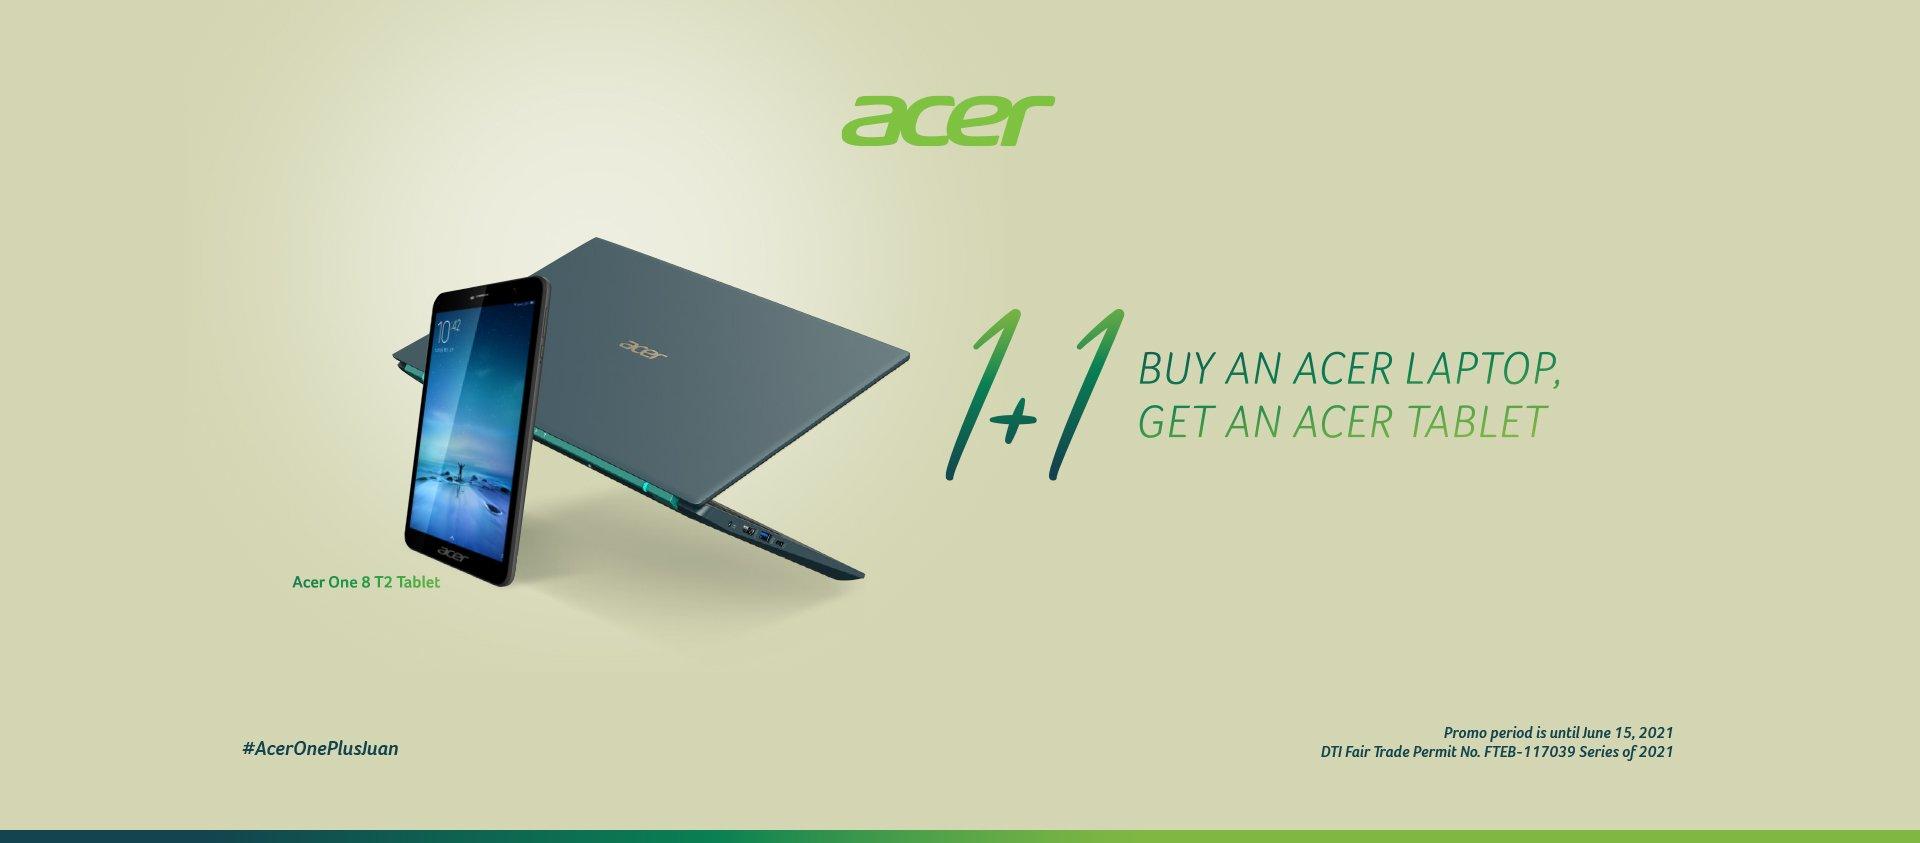 Acer extends #AcerOnePlusJuan promo